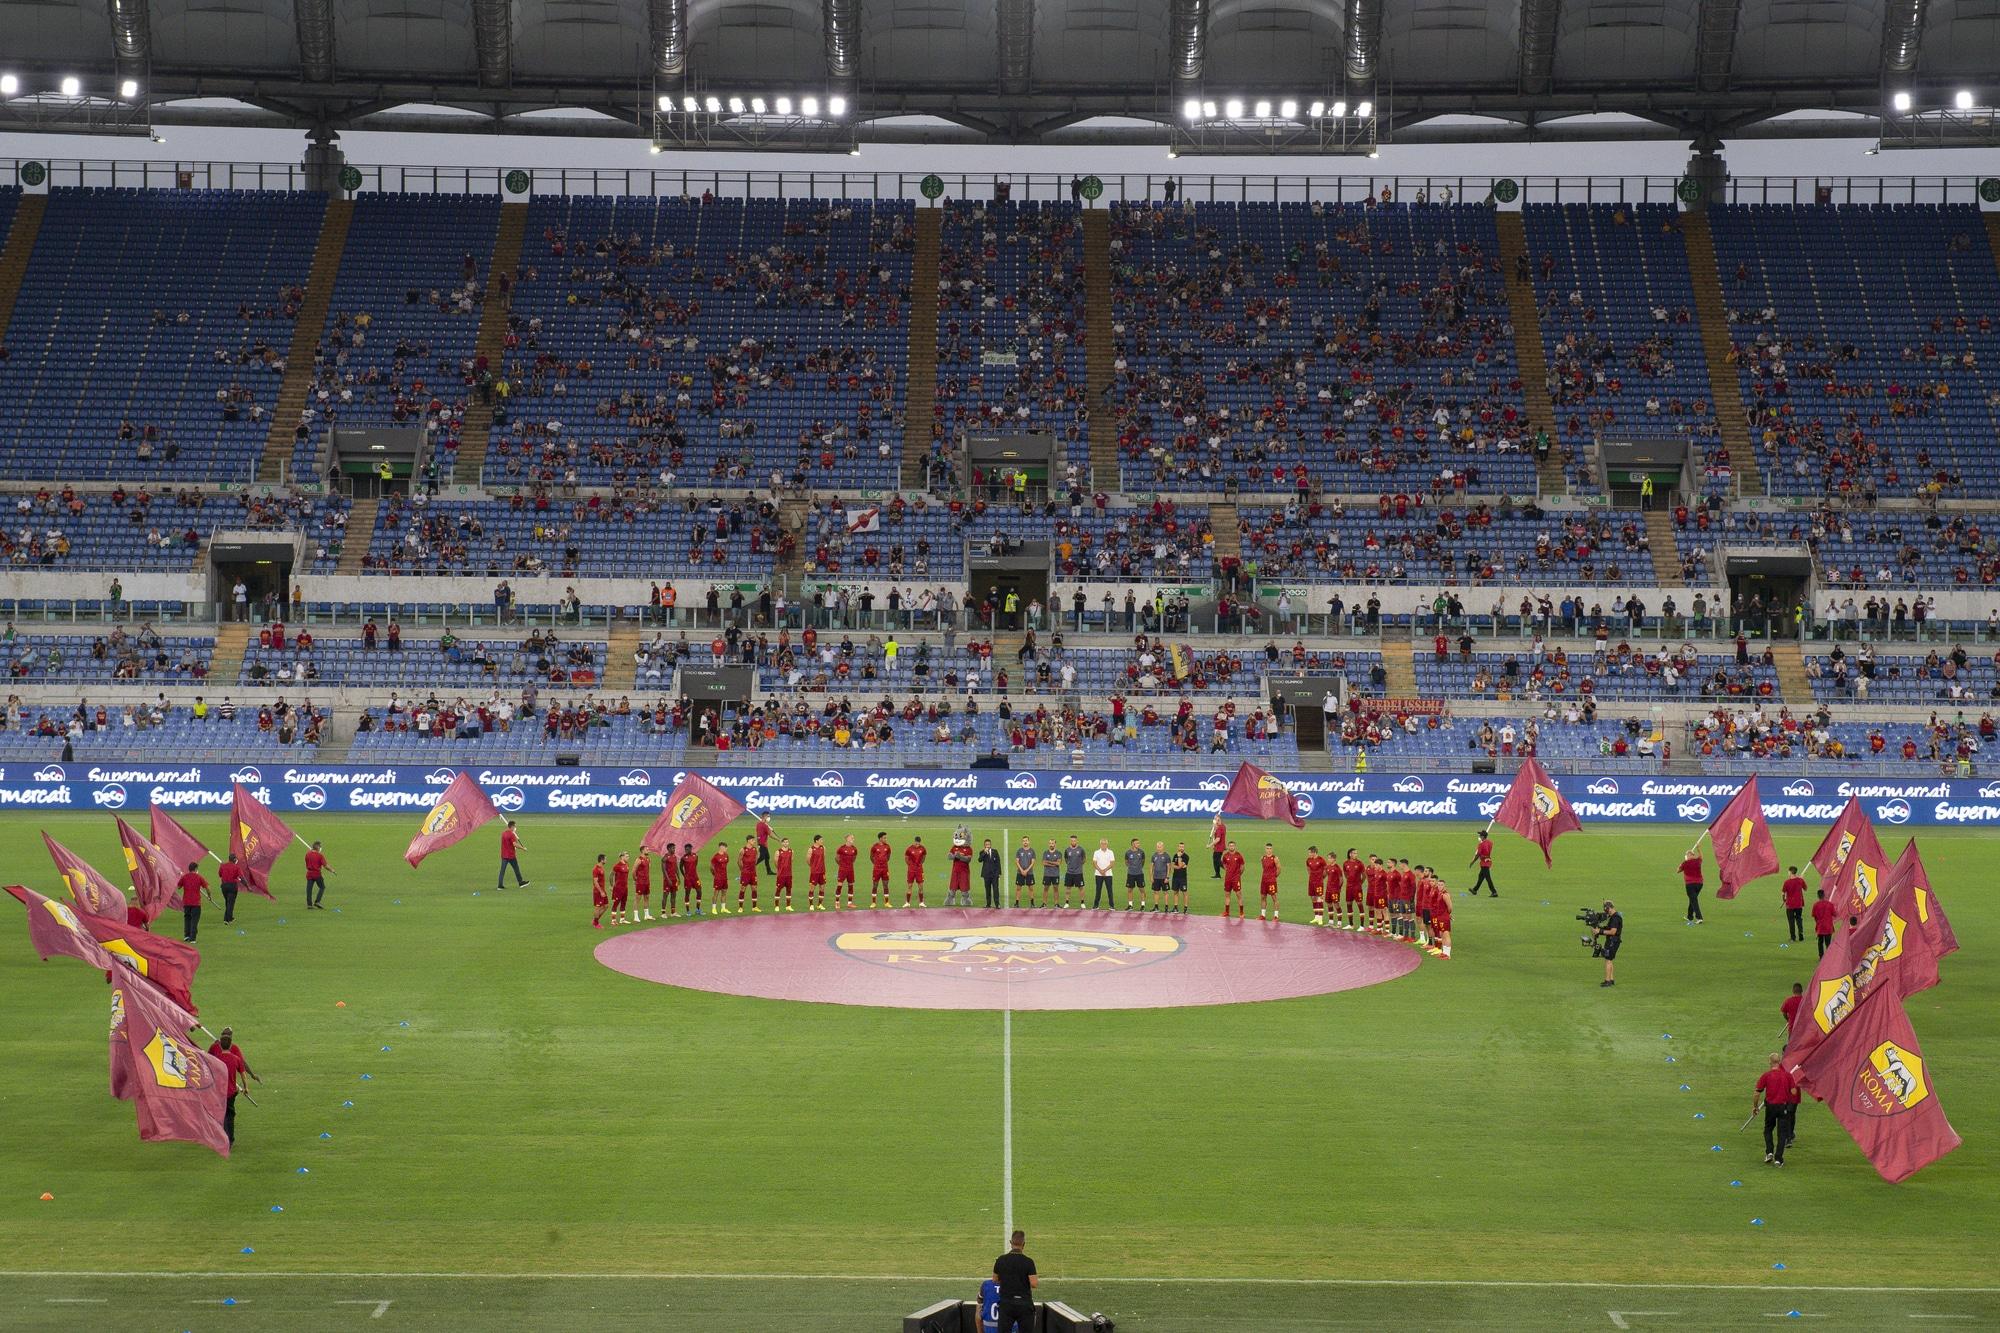 L'Olimpico con i tifosi in festa: ecco la presentazione della Roma di Mourinho